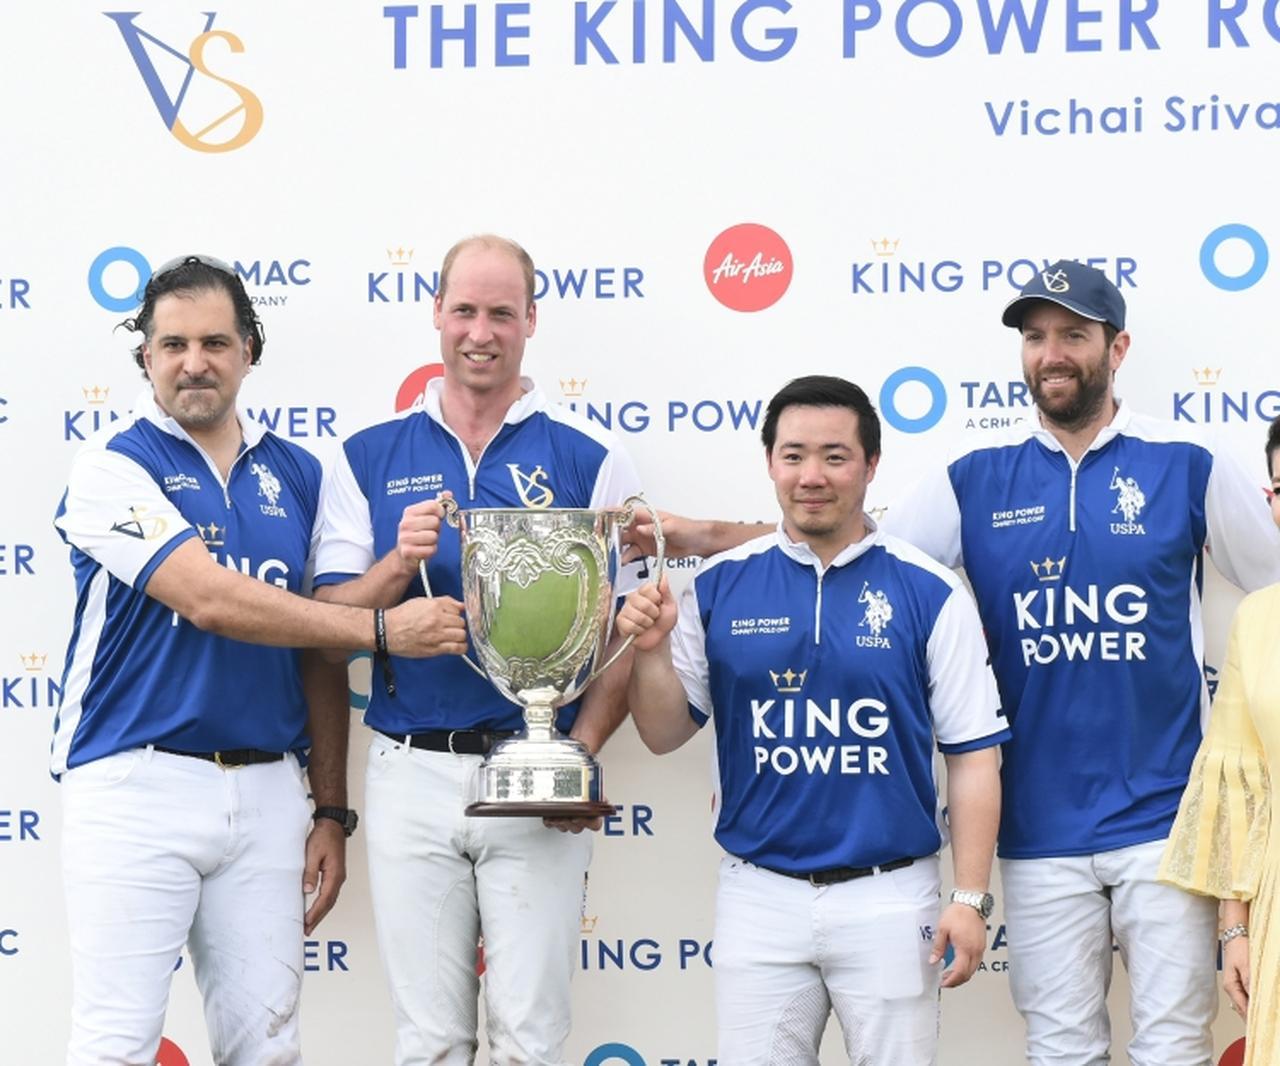 画像: 勝利したのはウィリアム王子擁するチーム。